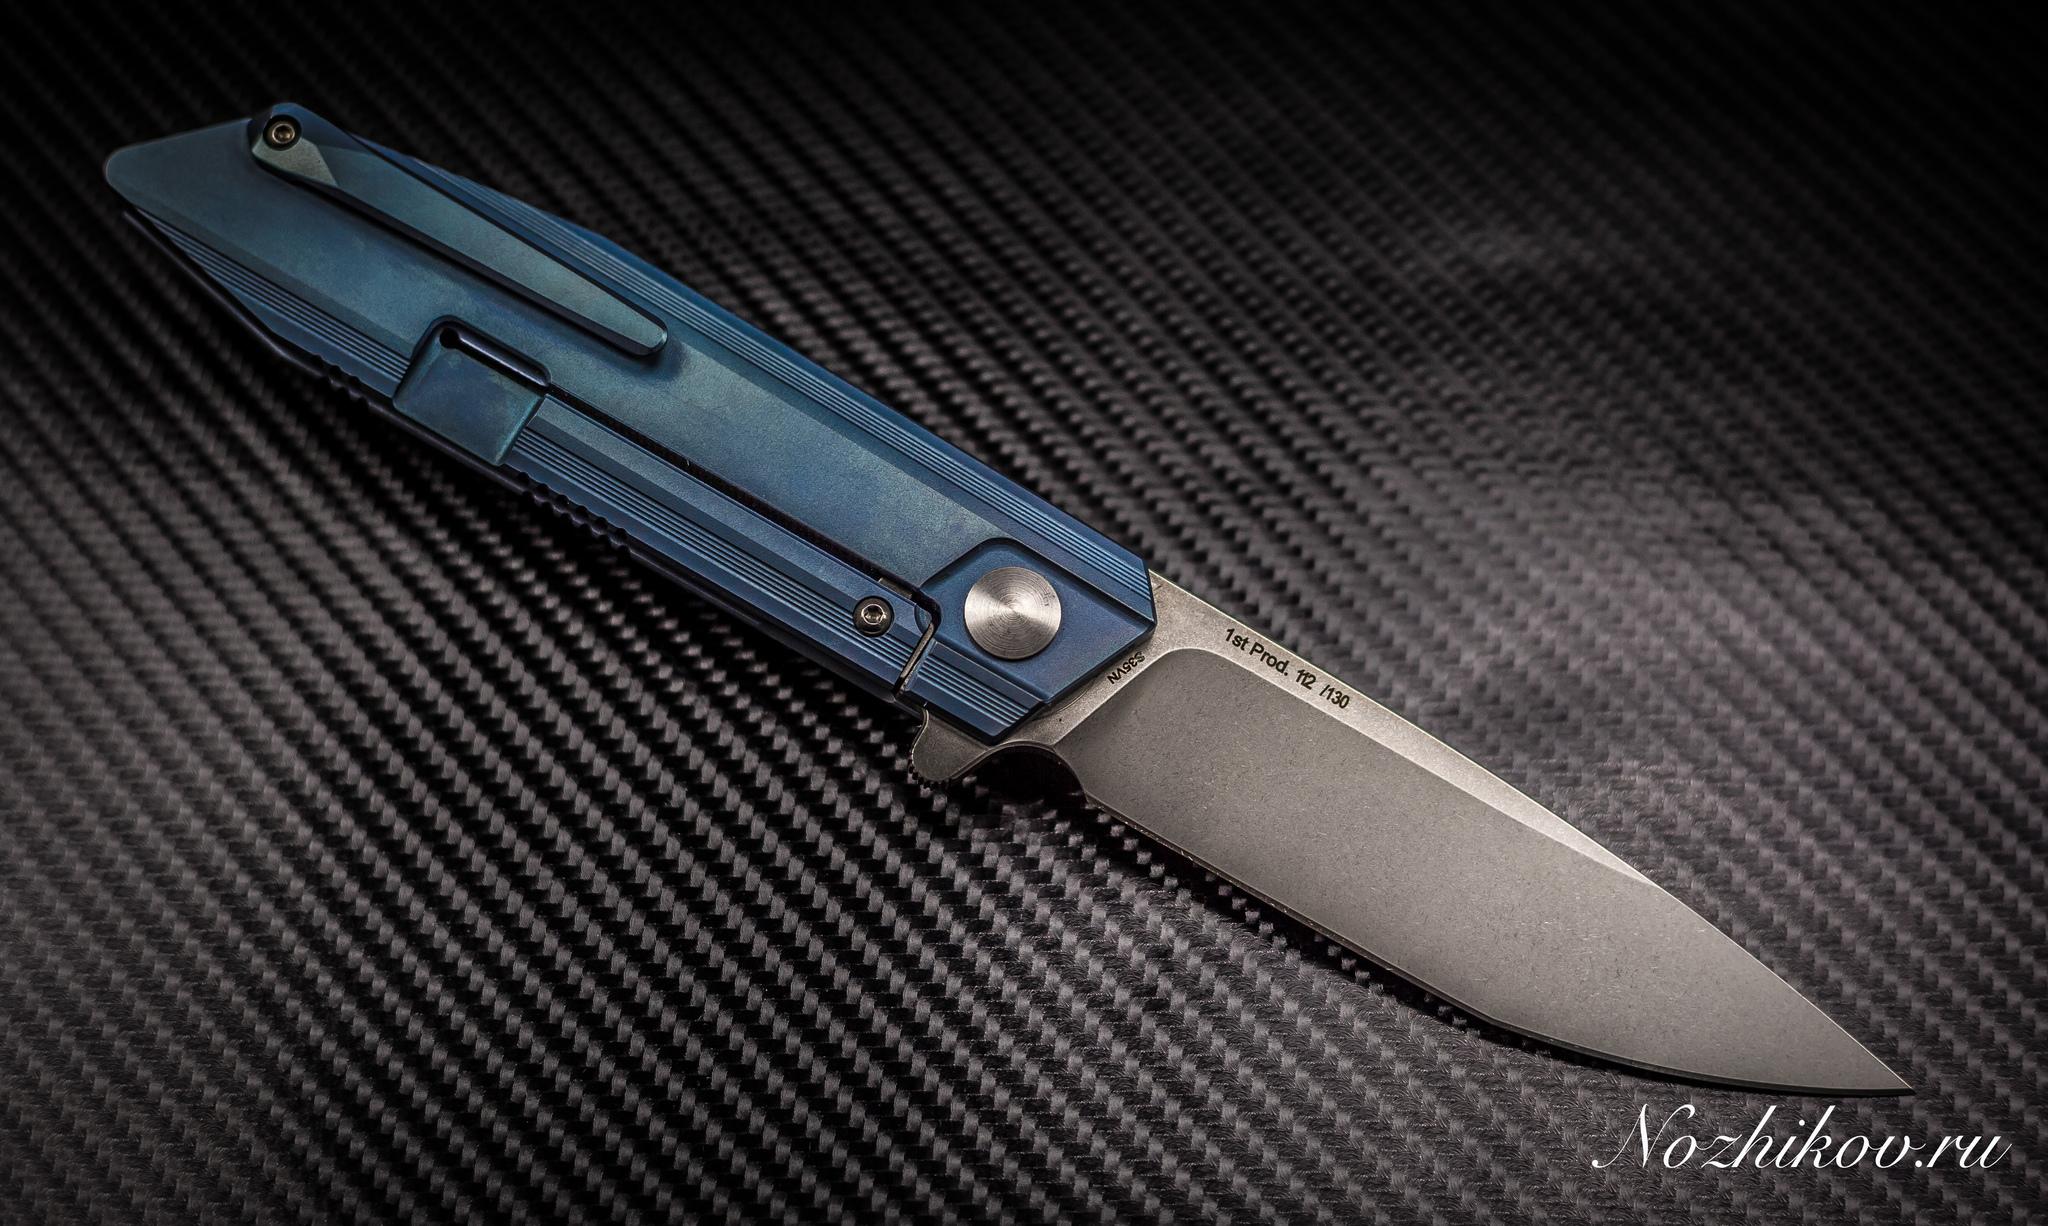 Фото 6 - Складной нож Bestech Knives BT1701B, сталь CPM-S35VN, рукоять титан